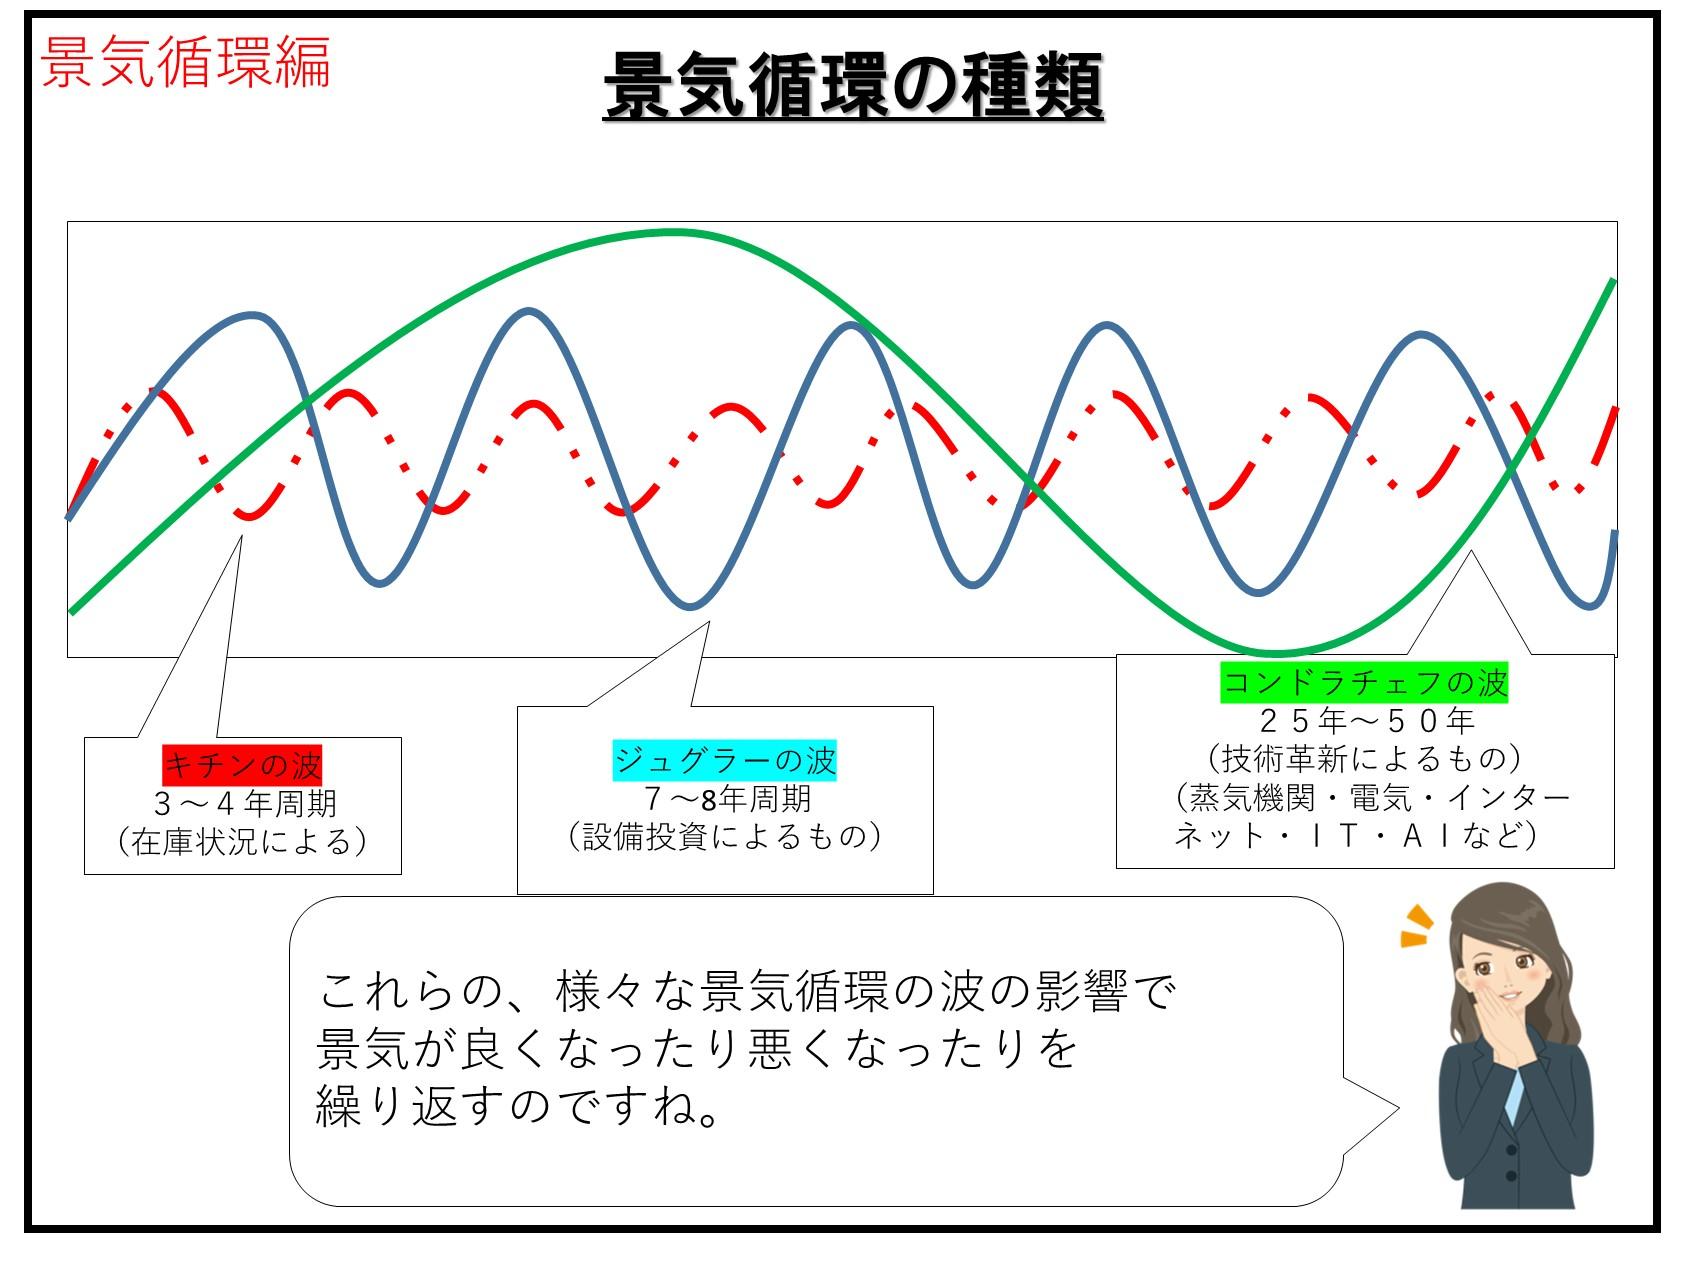 景気循環の仕組み ジュグラー・チキン・コンドラチェフの波